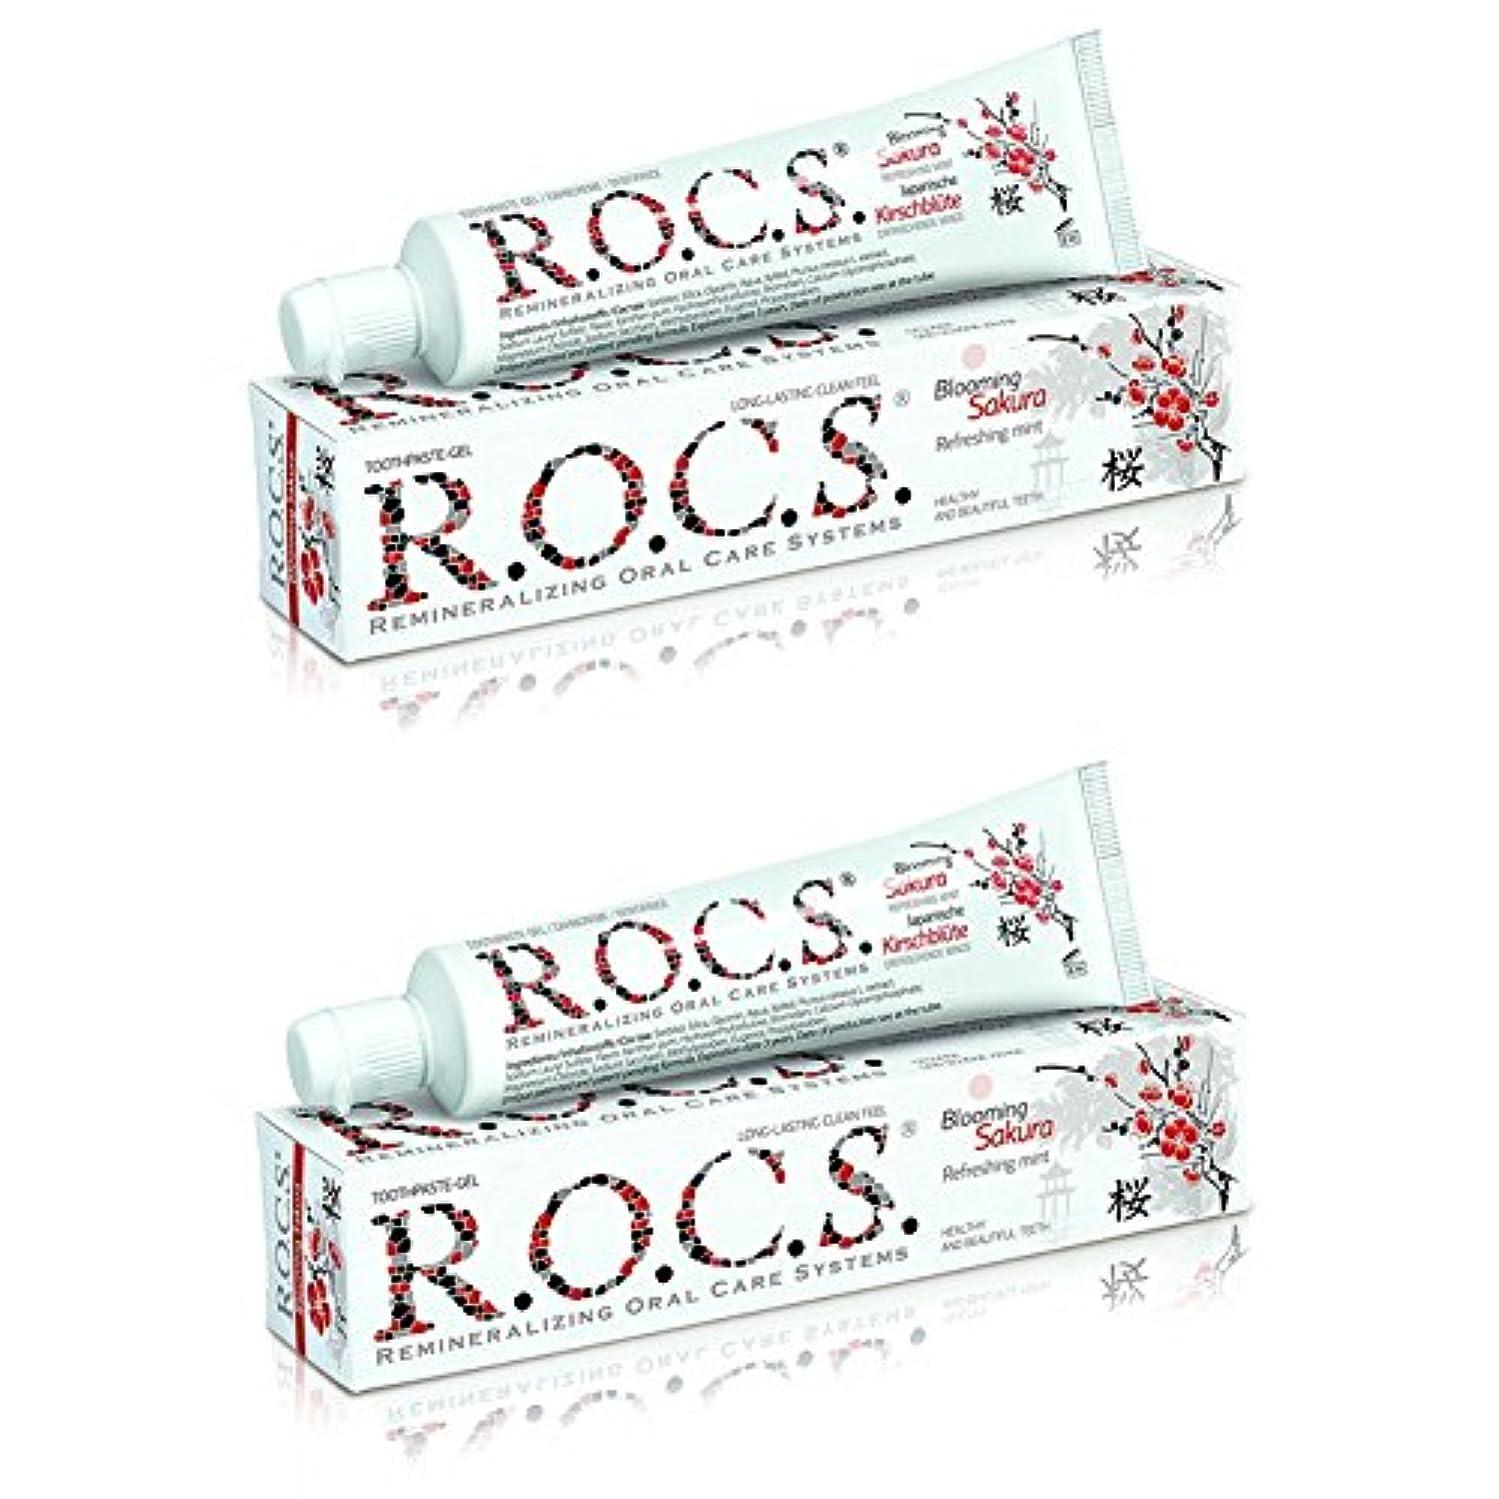 変装無限大祖母R.O.C.S. ロックス 歯磨き粉 ブルーミング サクラ BS (2箱セット)